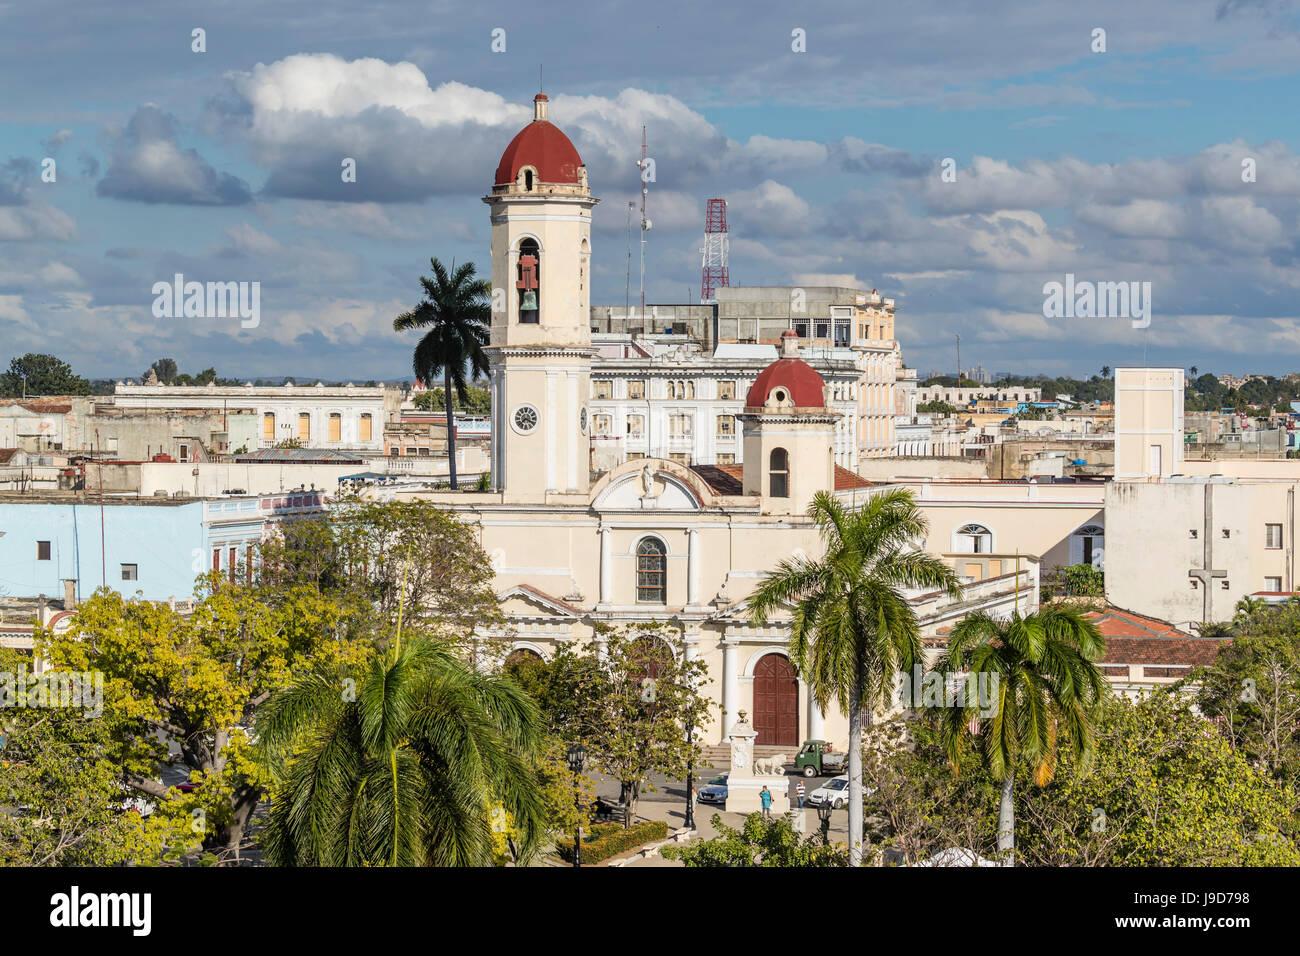 Die Catedral De La Purísima Concepción in Plaza Jose Marti, Cienfuegos, UNESCO World Heritage Site, Kuba, Stockbild